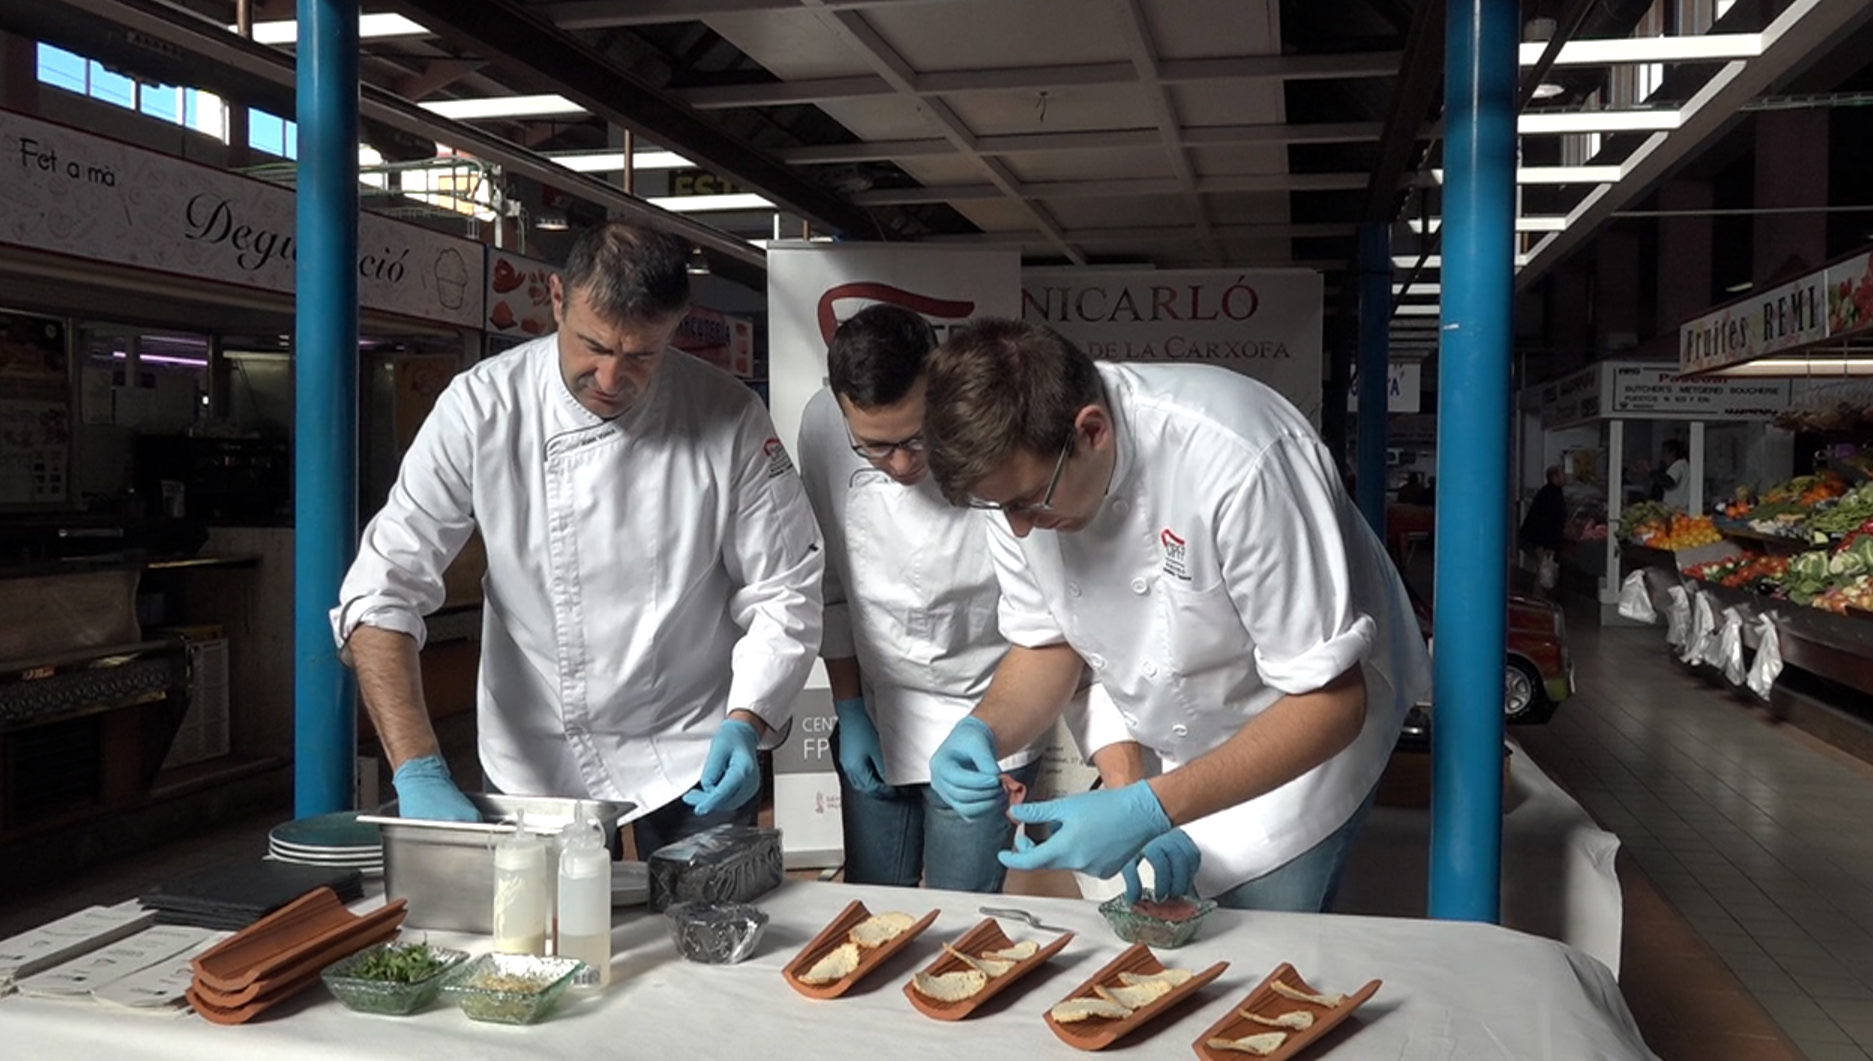 Benicarló, els alumnes d'Hostaleria del CIPFP cuinen al Mercat